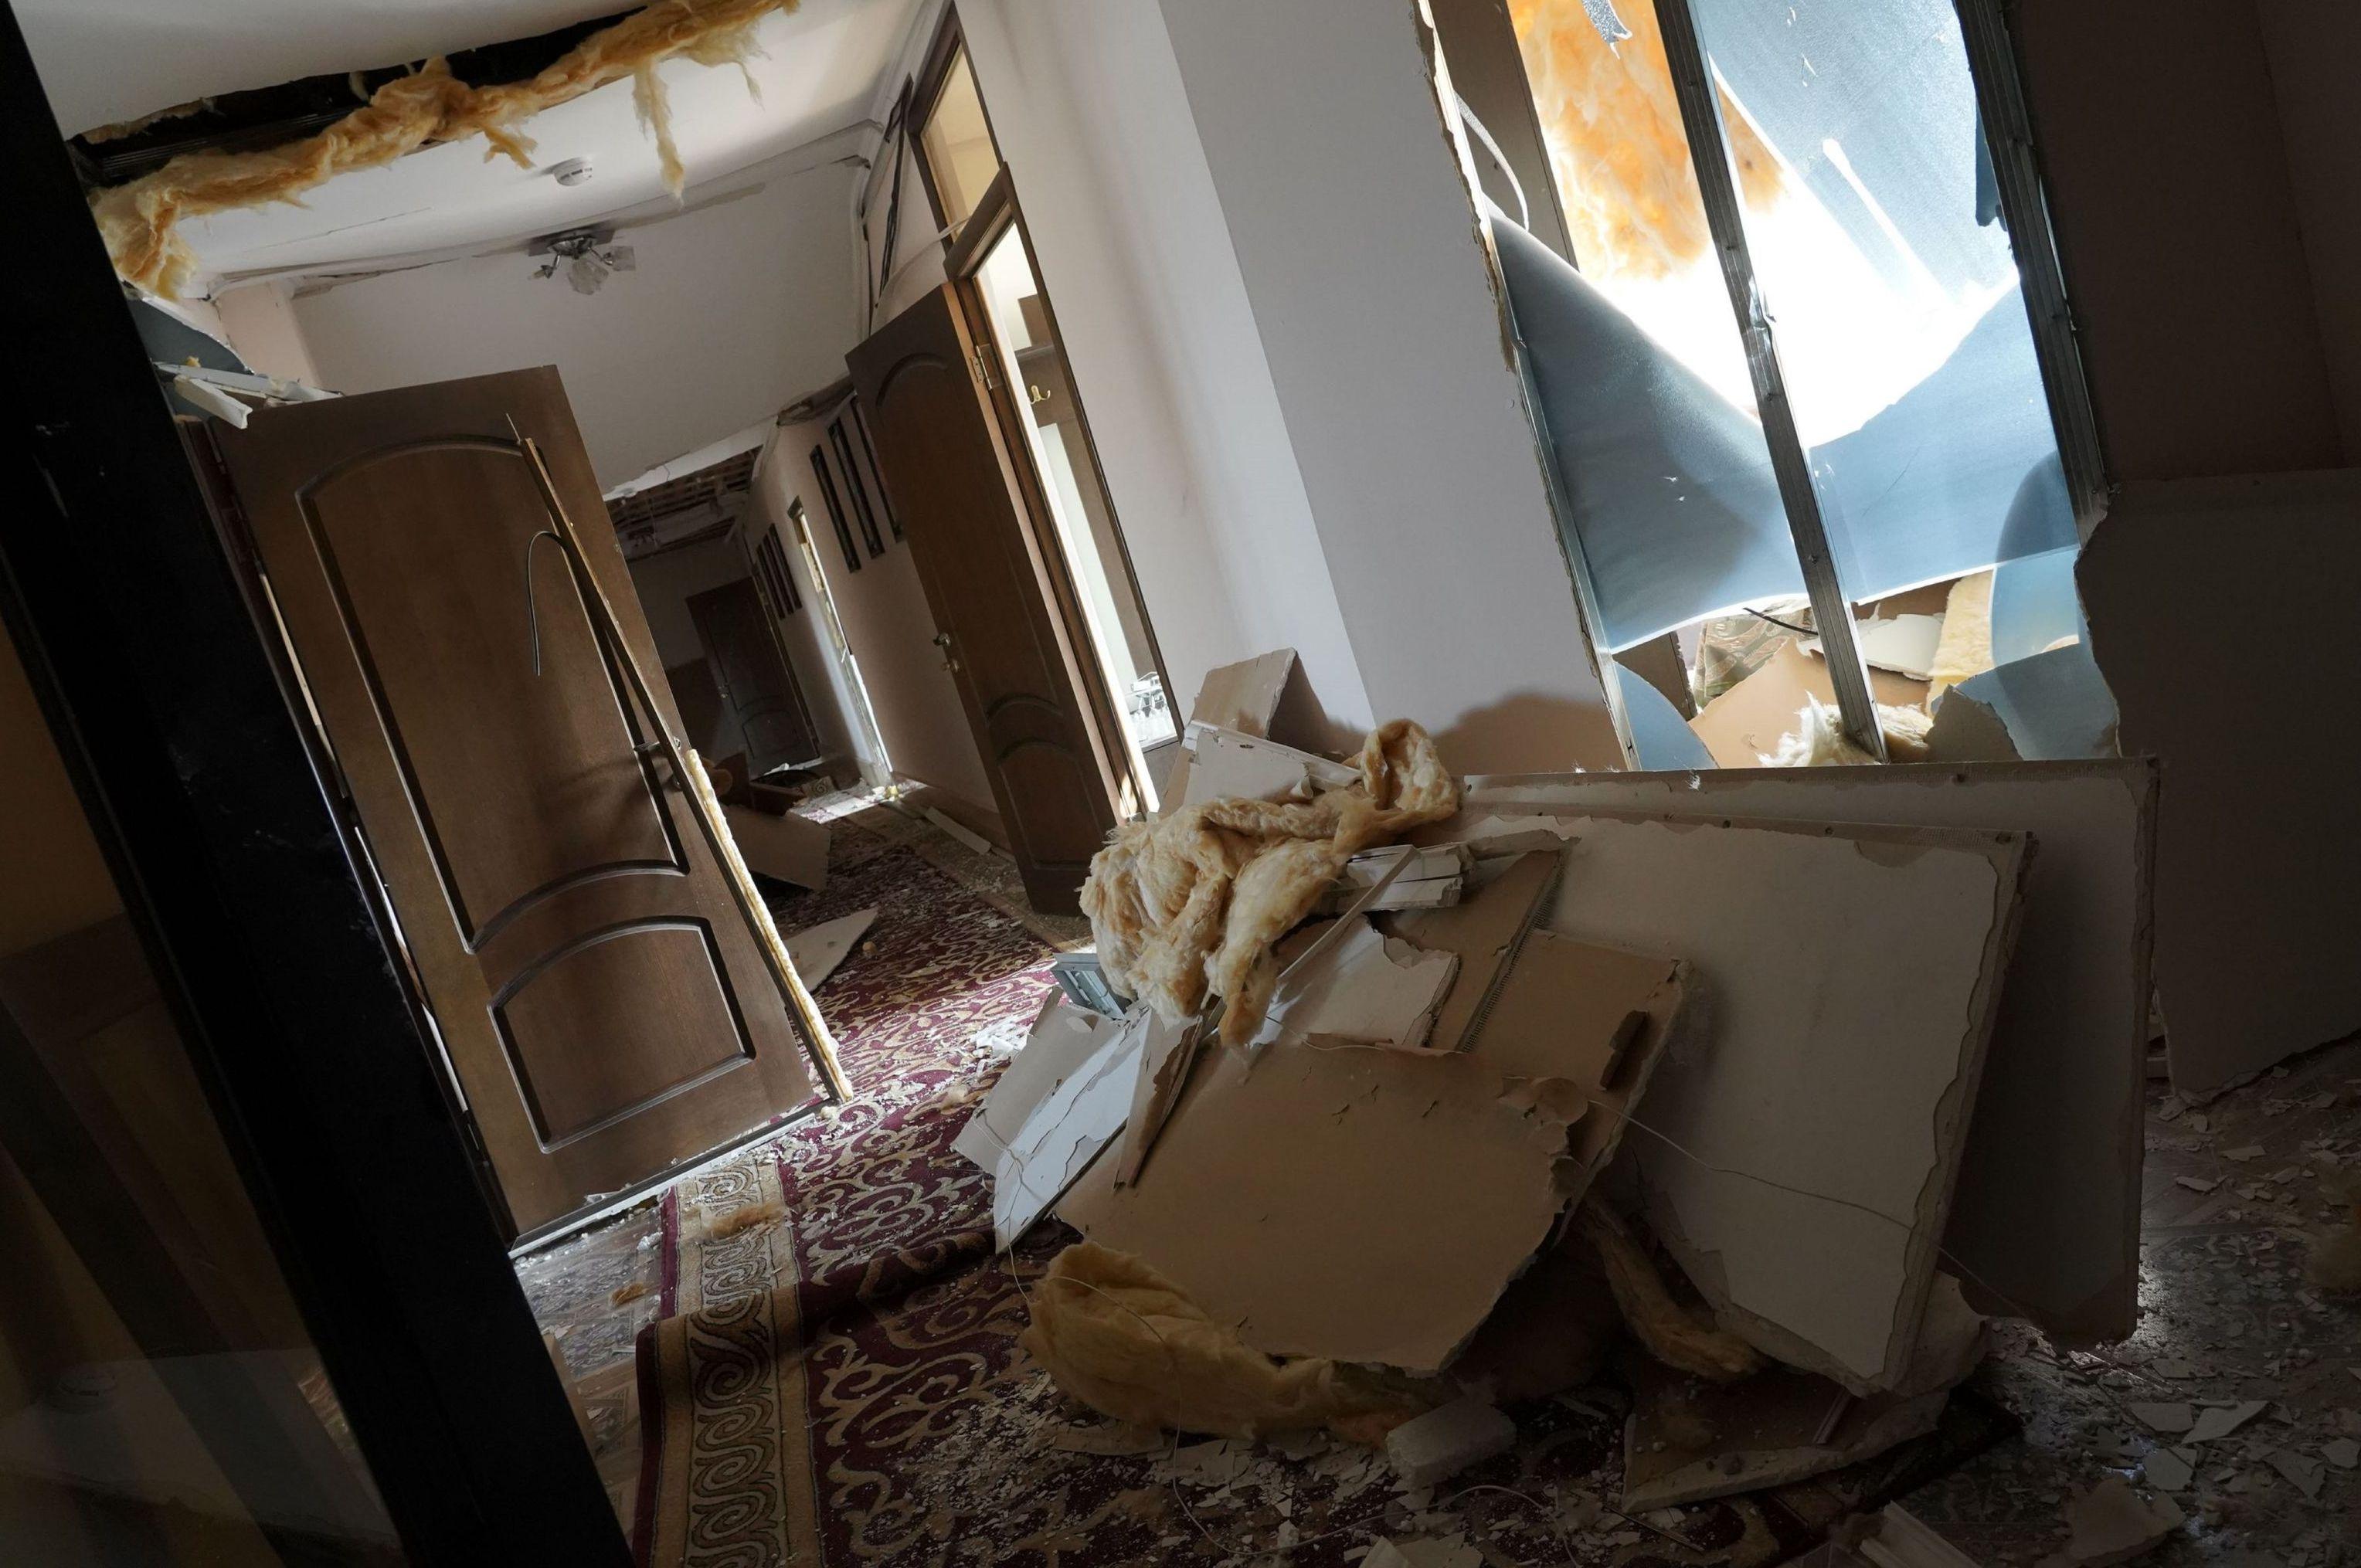 Взрывная волна сдвинула все - и стены, и окна, и даже потолок